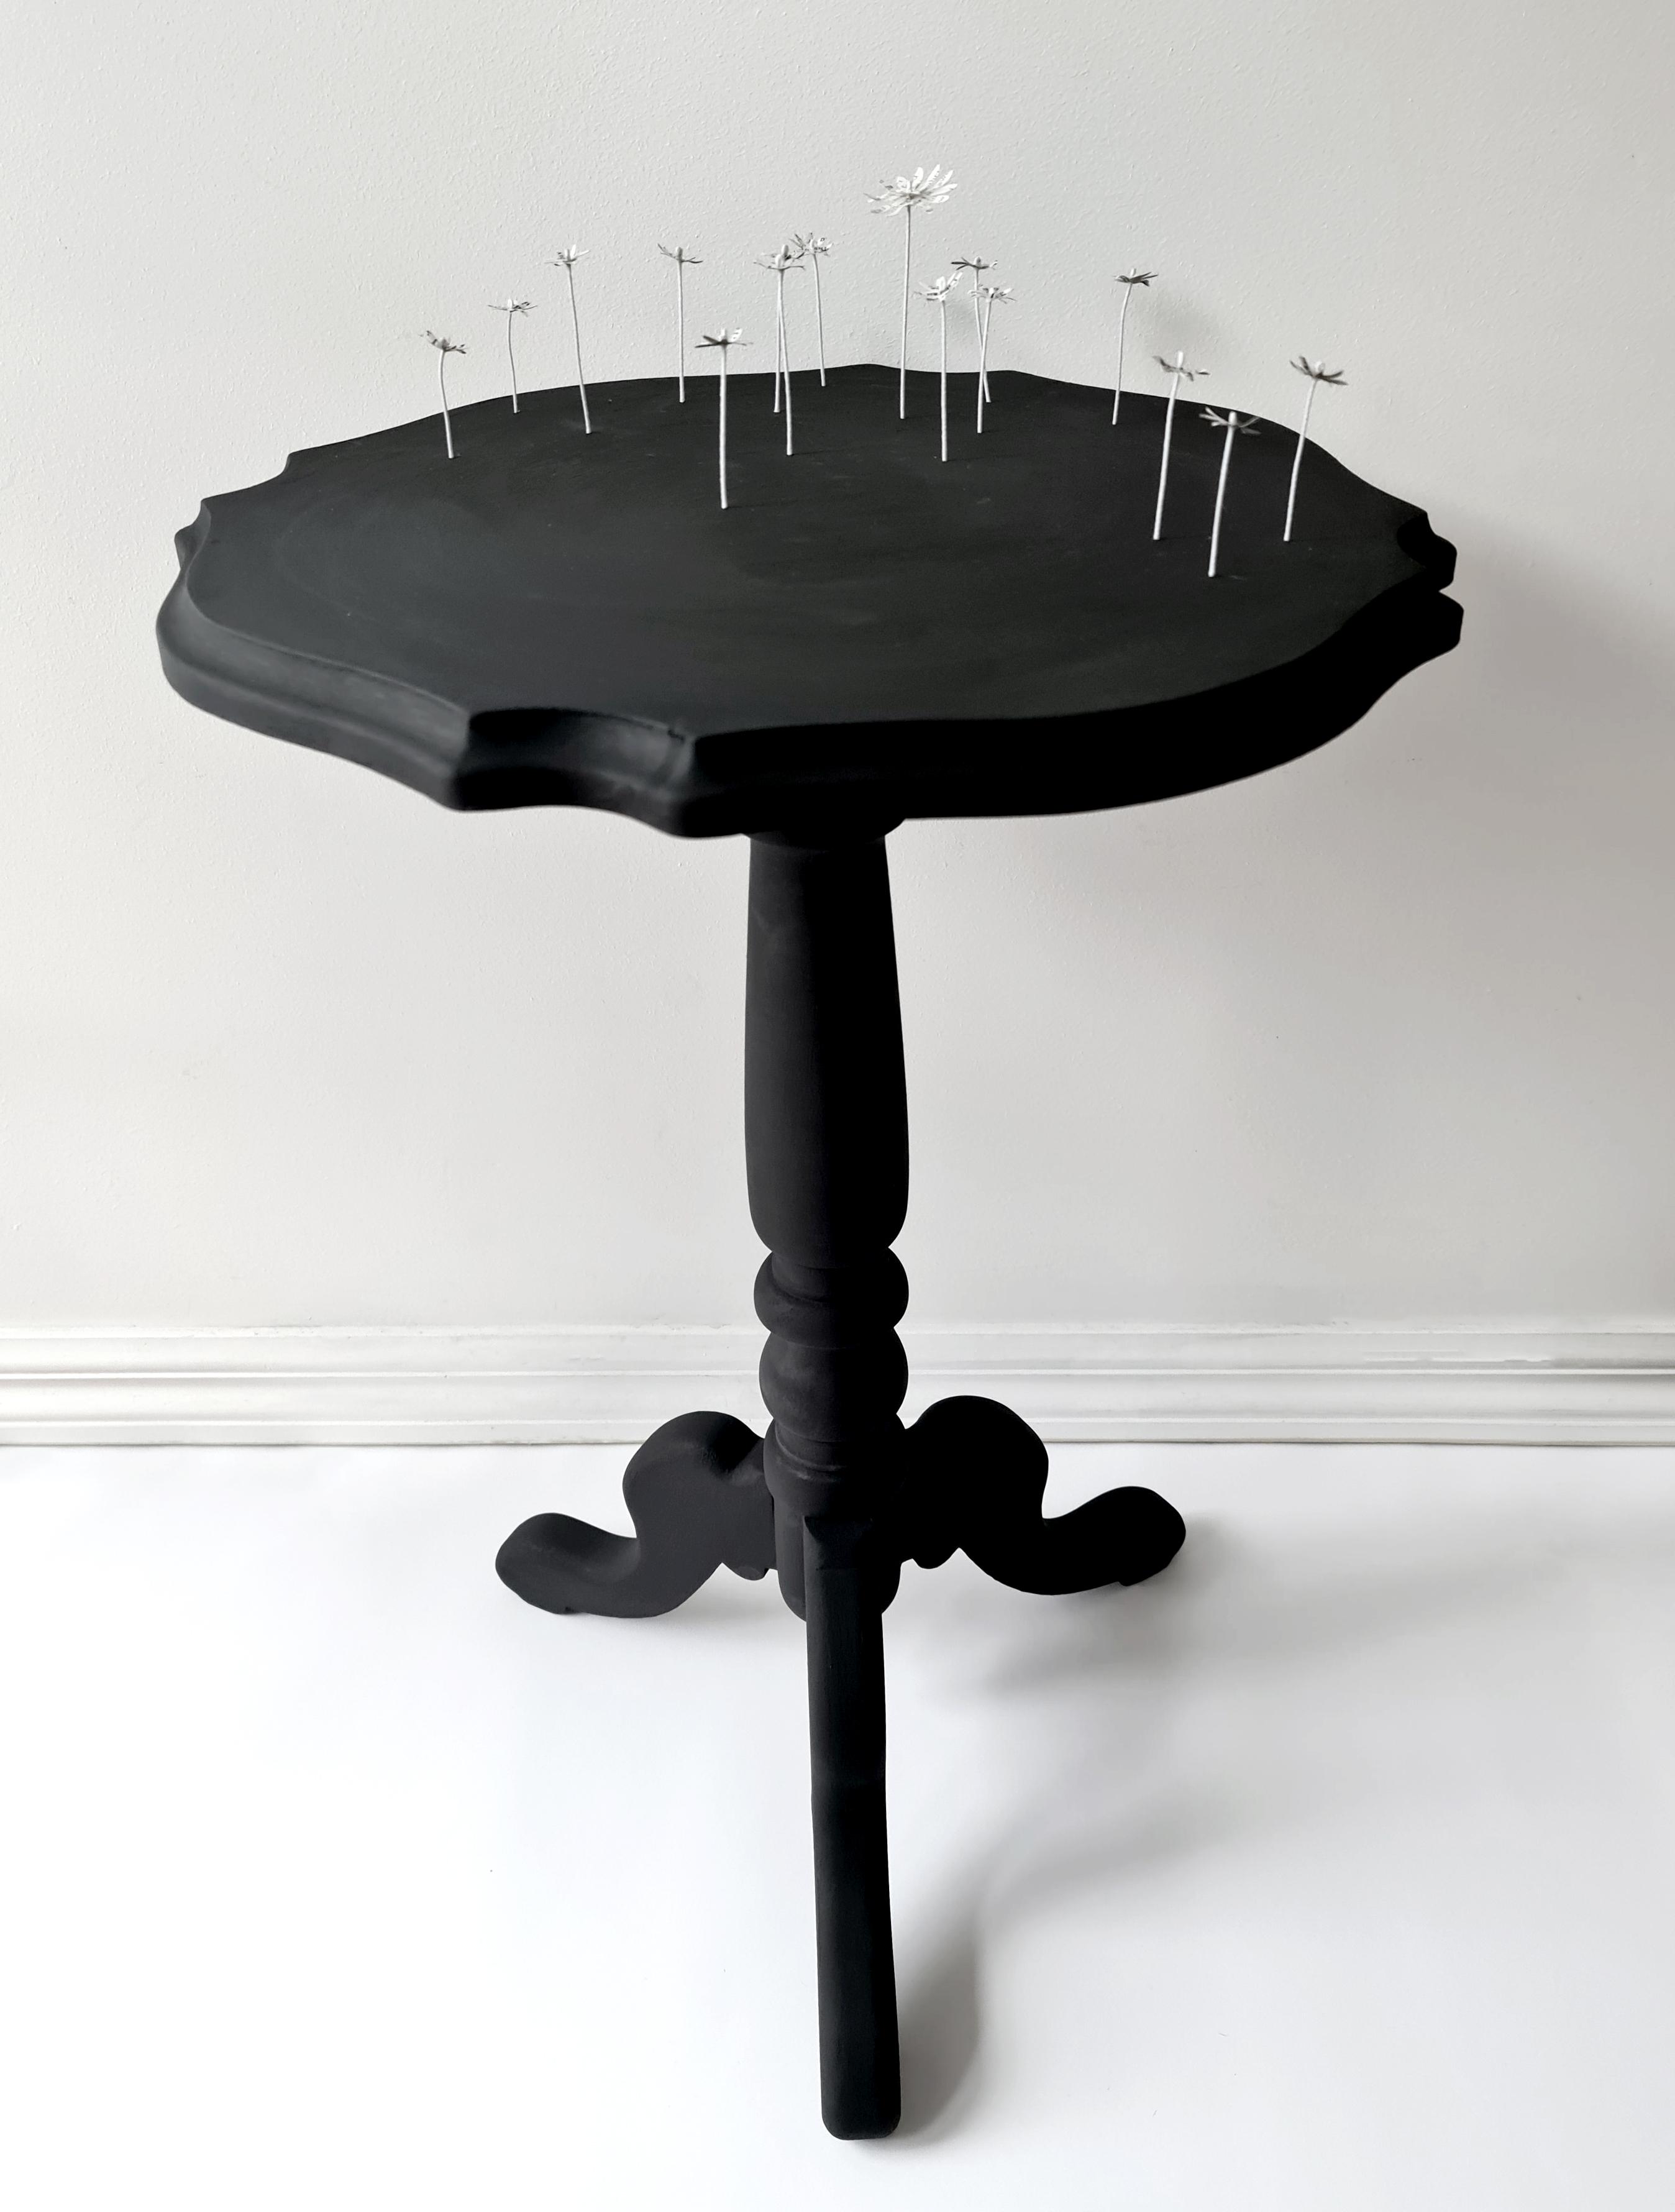 Jenna Lee, Side Table, 2021